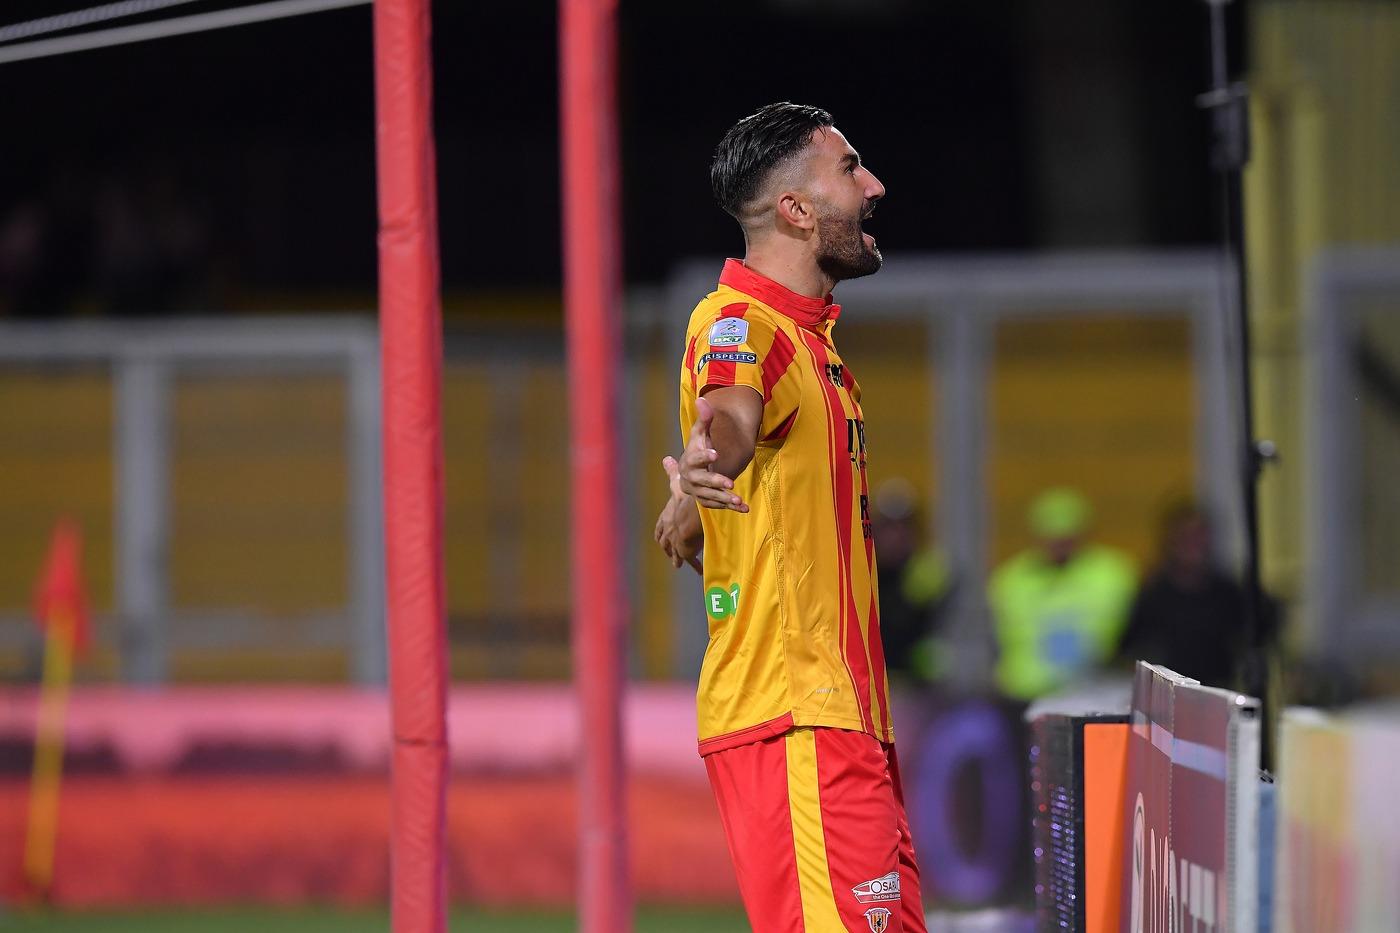 Benevento-Cittadella 16 febbraio: si gioca per la 24 esima giornata del campionato di Serie B. I campani sono favoriti per i 3 punti.